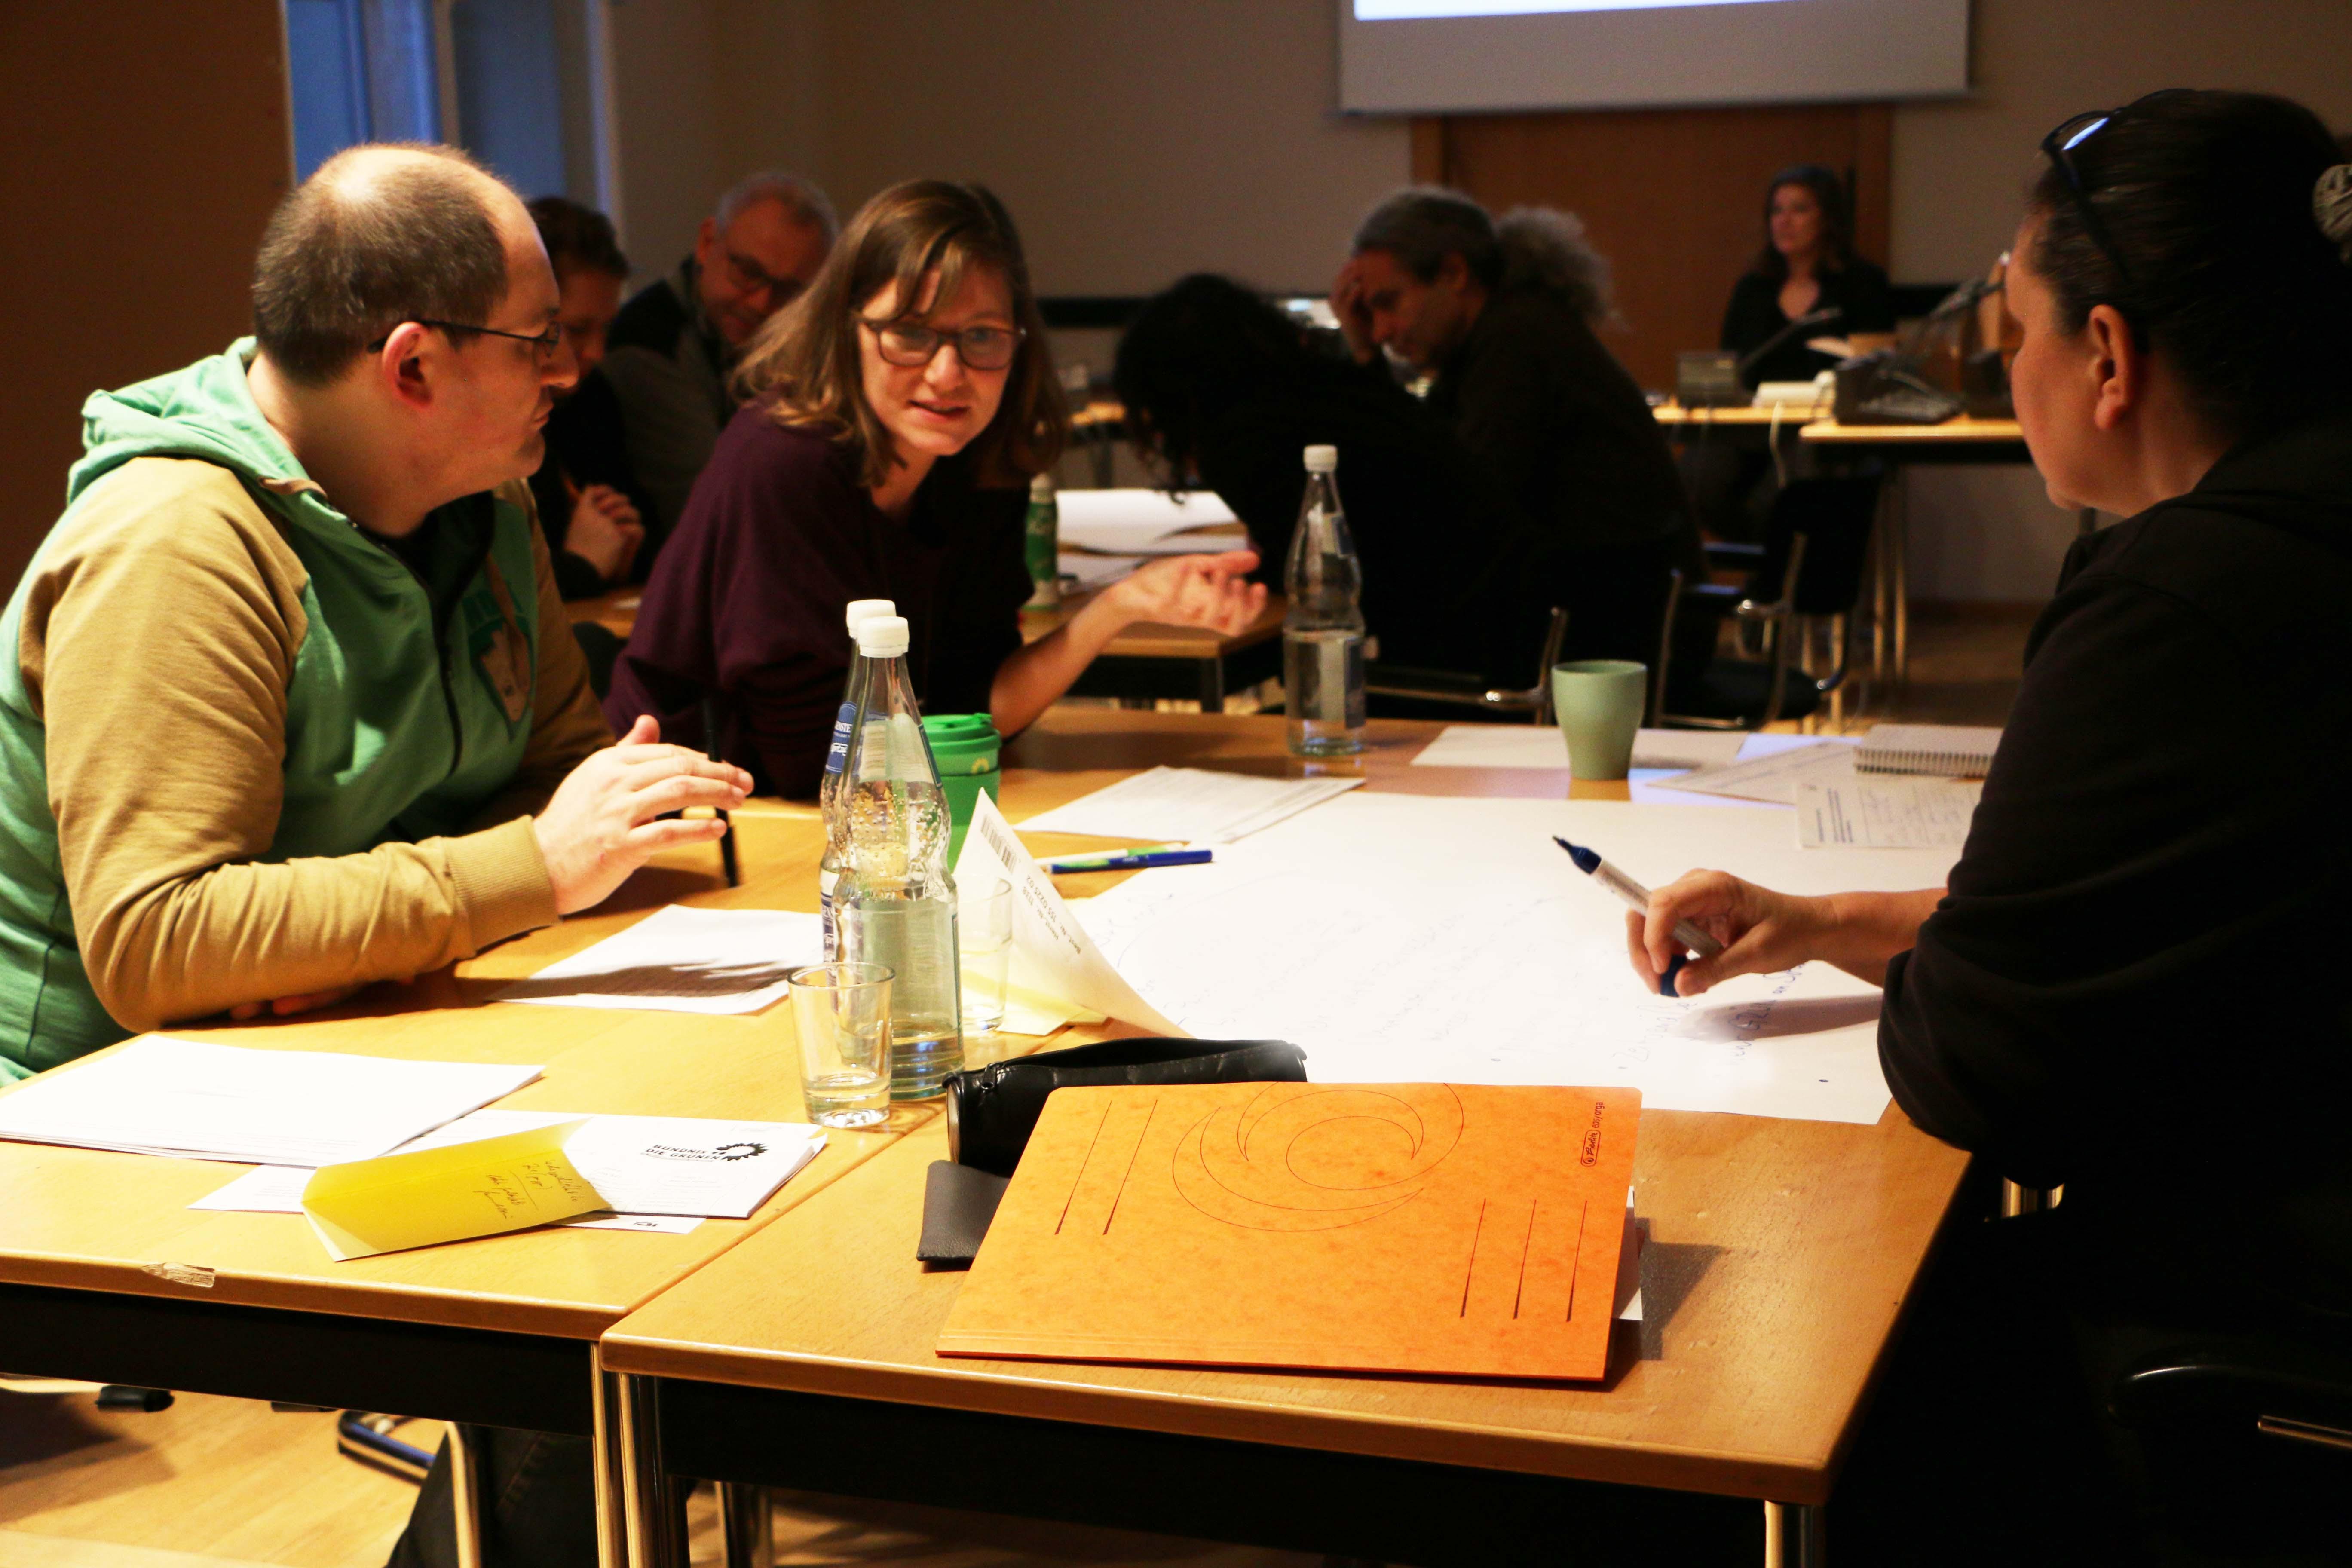 Die Mitarbeitenden der Fraktion tauschen sich aus und stimmen sich gemeinsam auf das Jahr 2019 ein